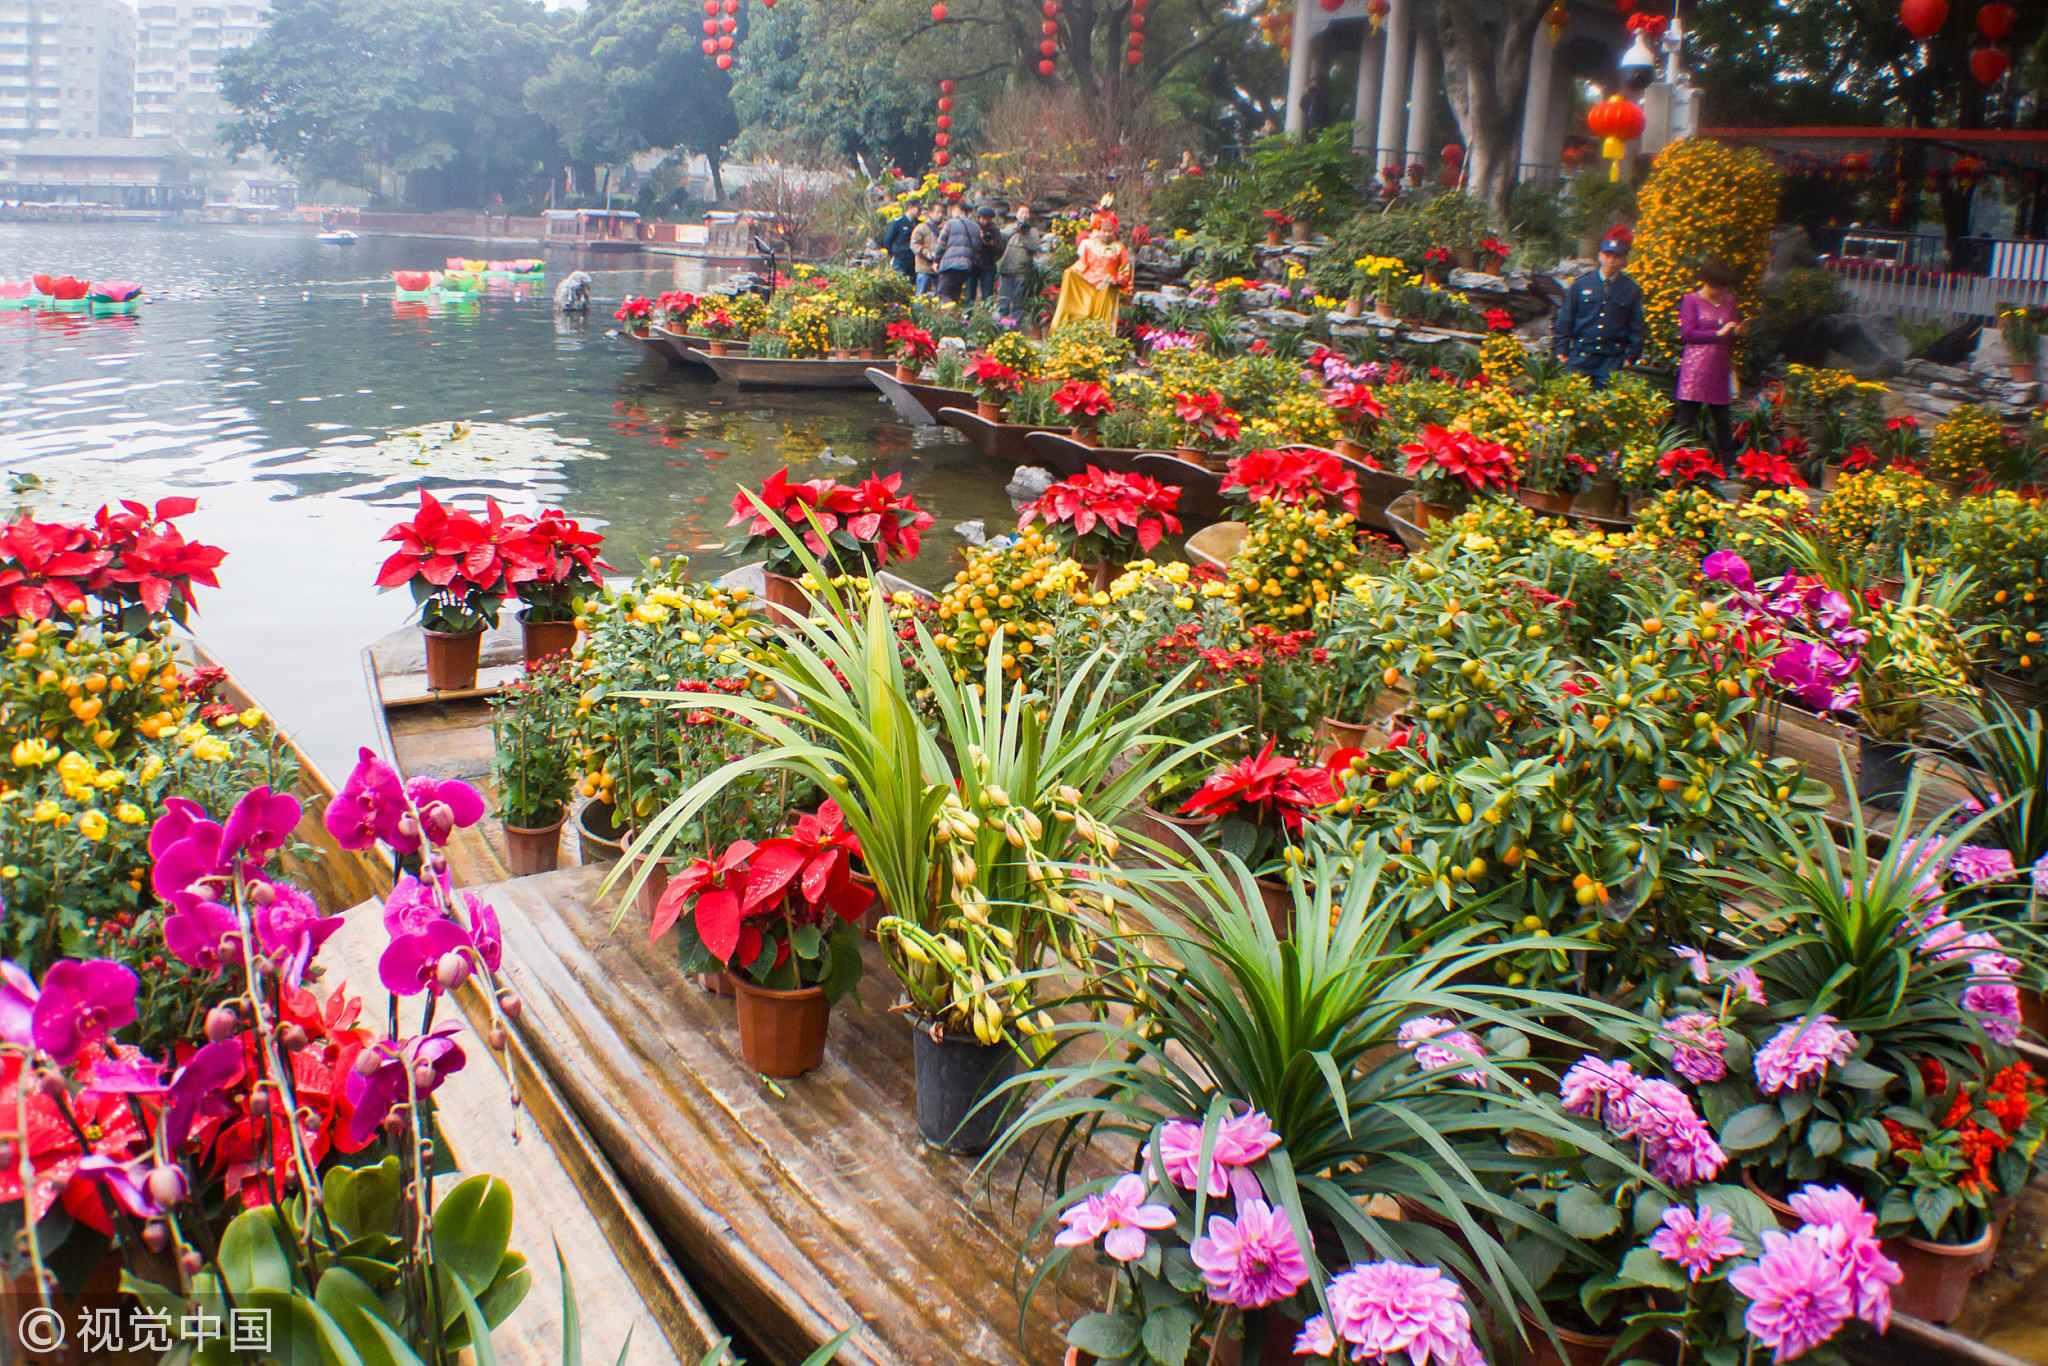 Floating Flower Market.Floating Flower Market Celebrates Spring Festival In